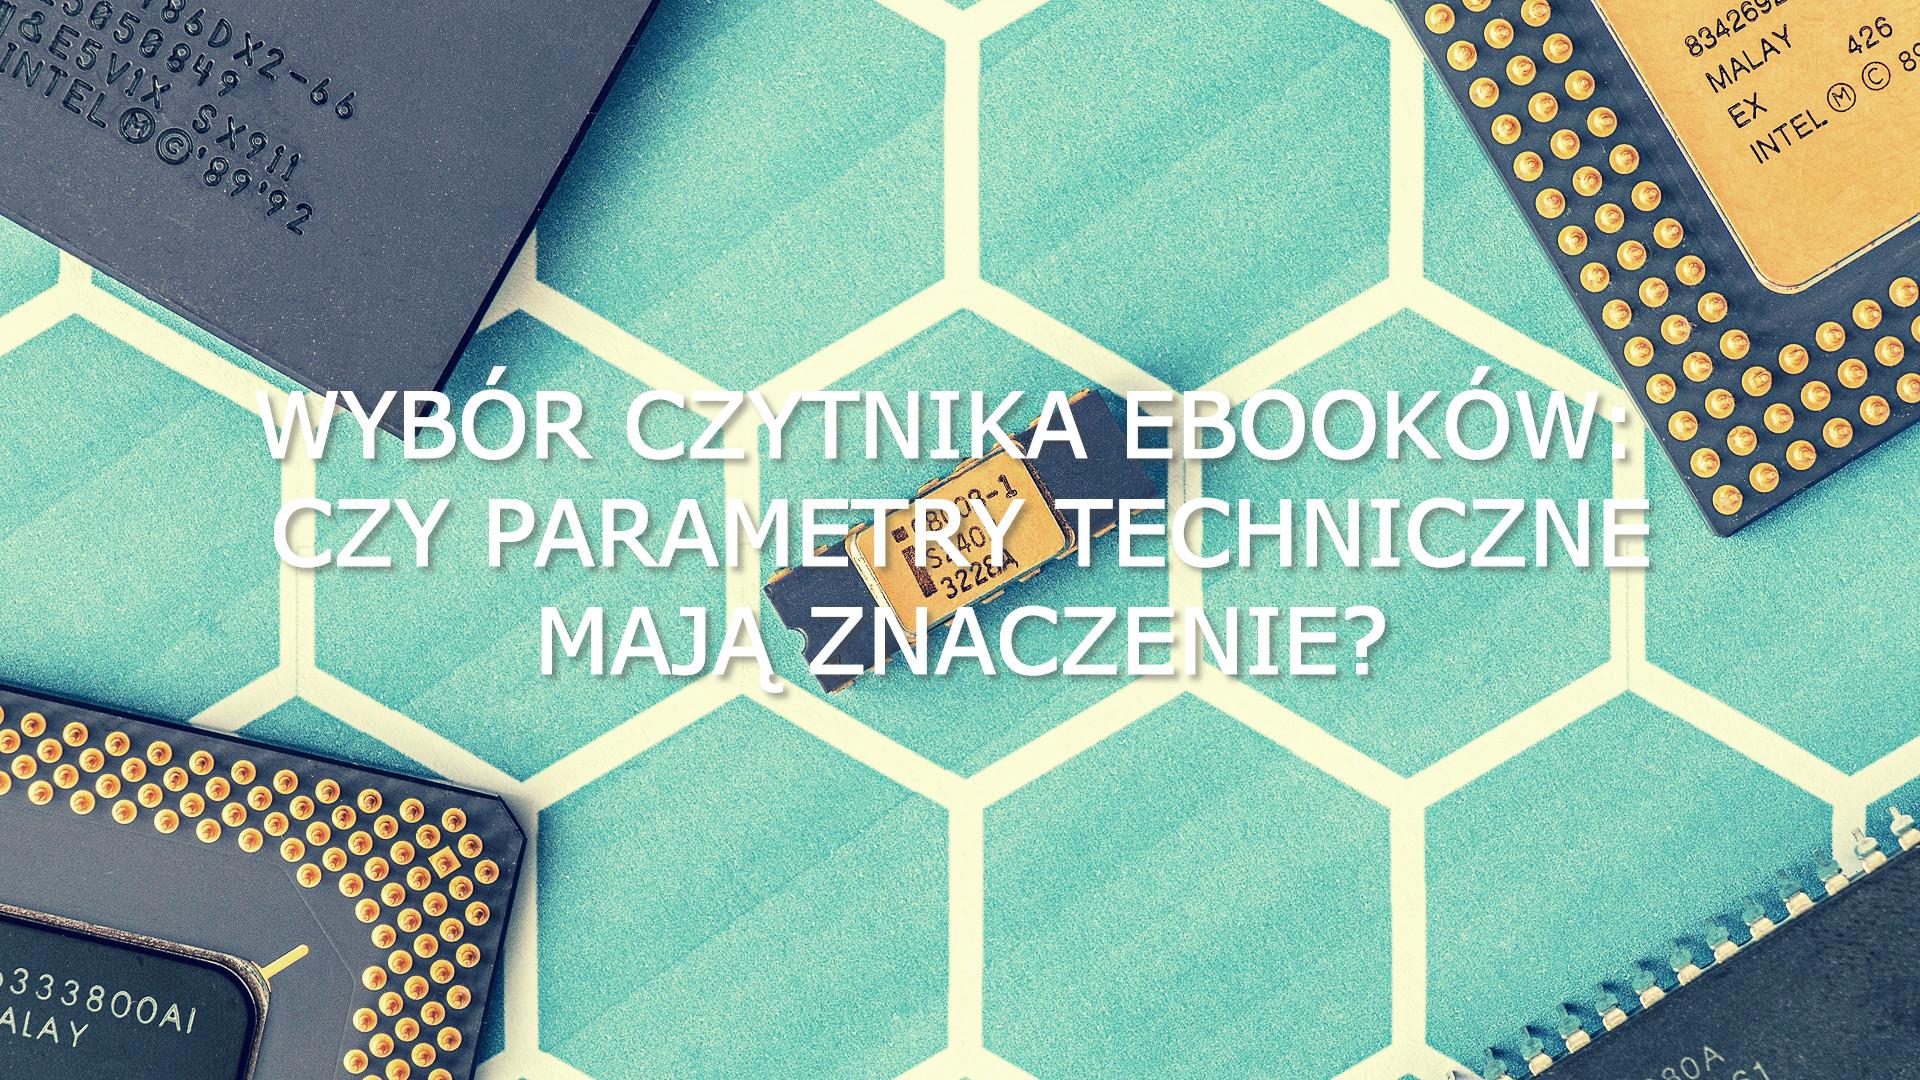 Wybór czytnika ebooków: czy parametry techniczne mają znaczenie? - www.naczytniku.pl